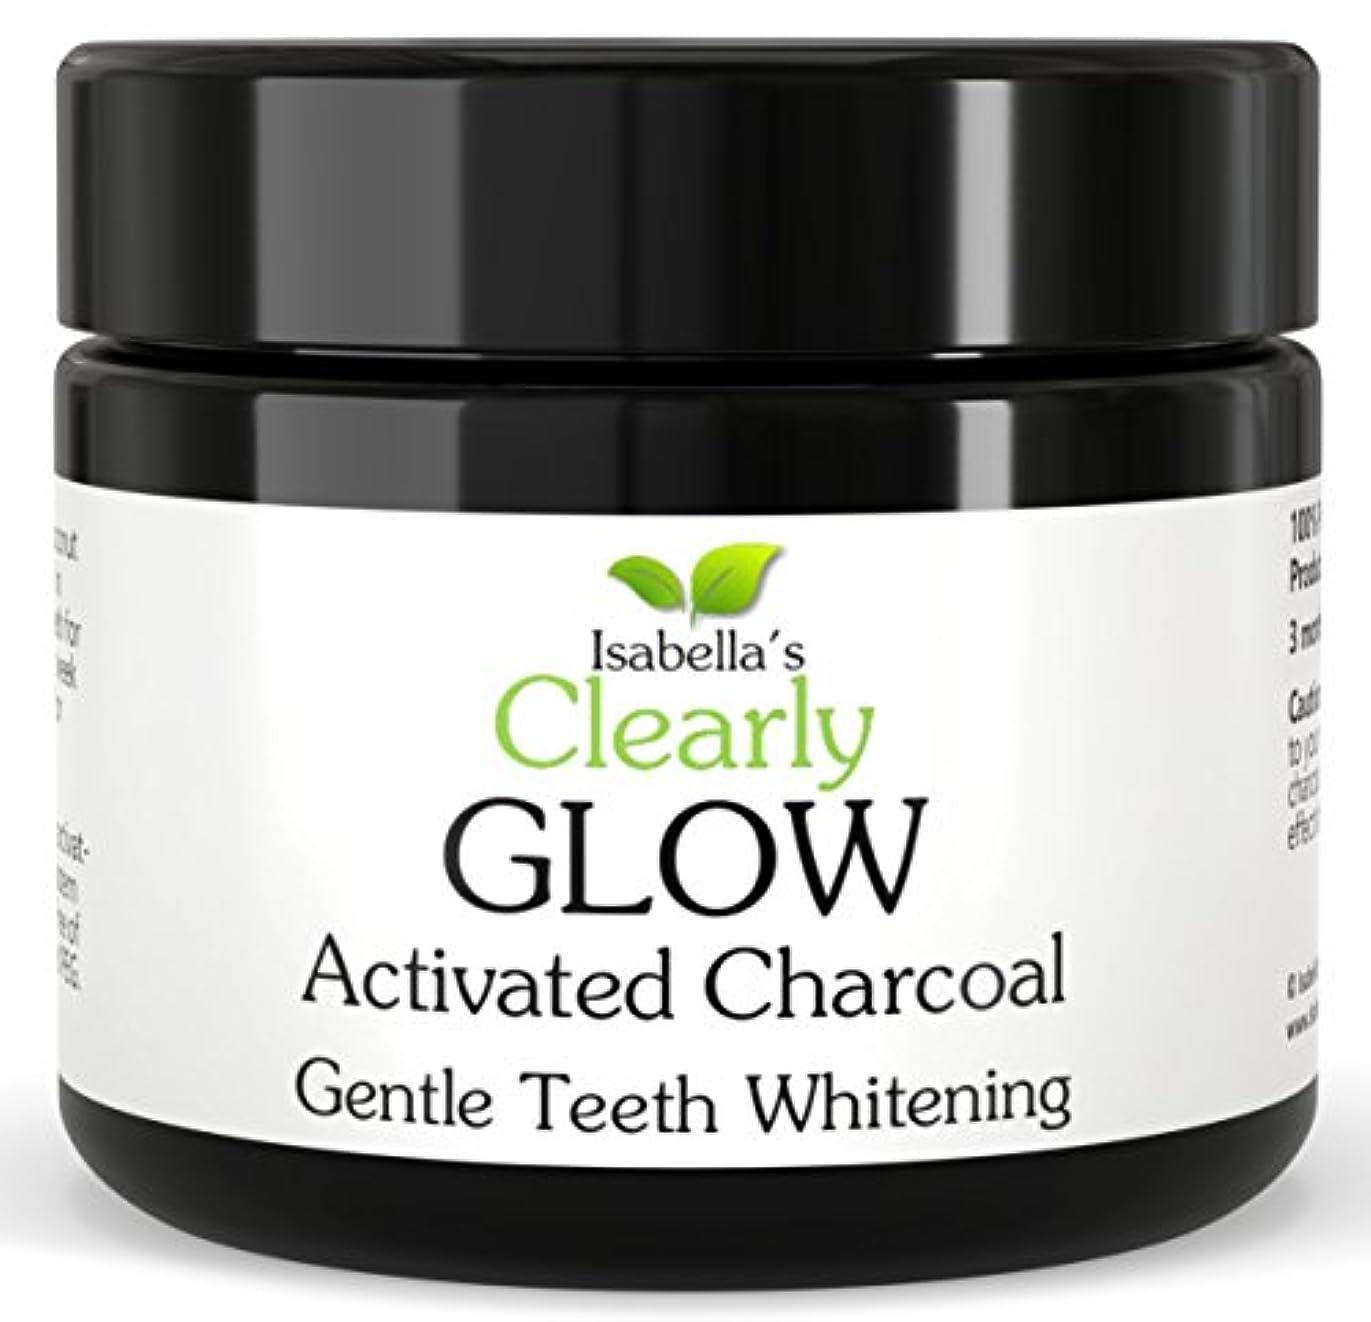 援助する中国タンパク質Isabella's Clearly 活性炭+ストリップ、漂白剤、練り歯磨きよりも優れたソフト竹歯ブラシを歯ホワイトニンググロー 20グラム(3ヶ月の供給)+竹歯ブラシ